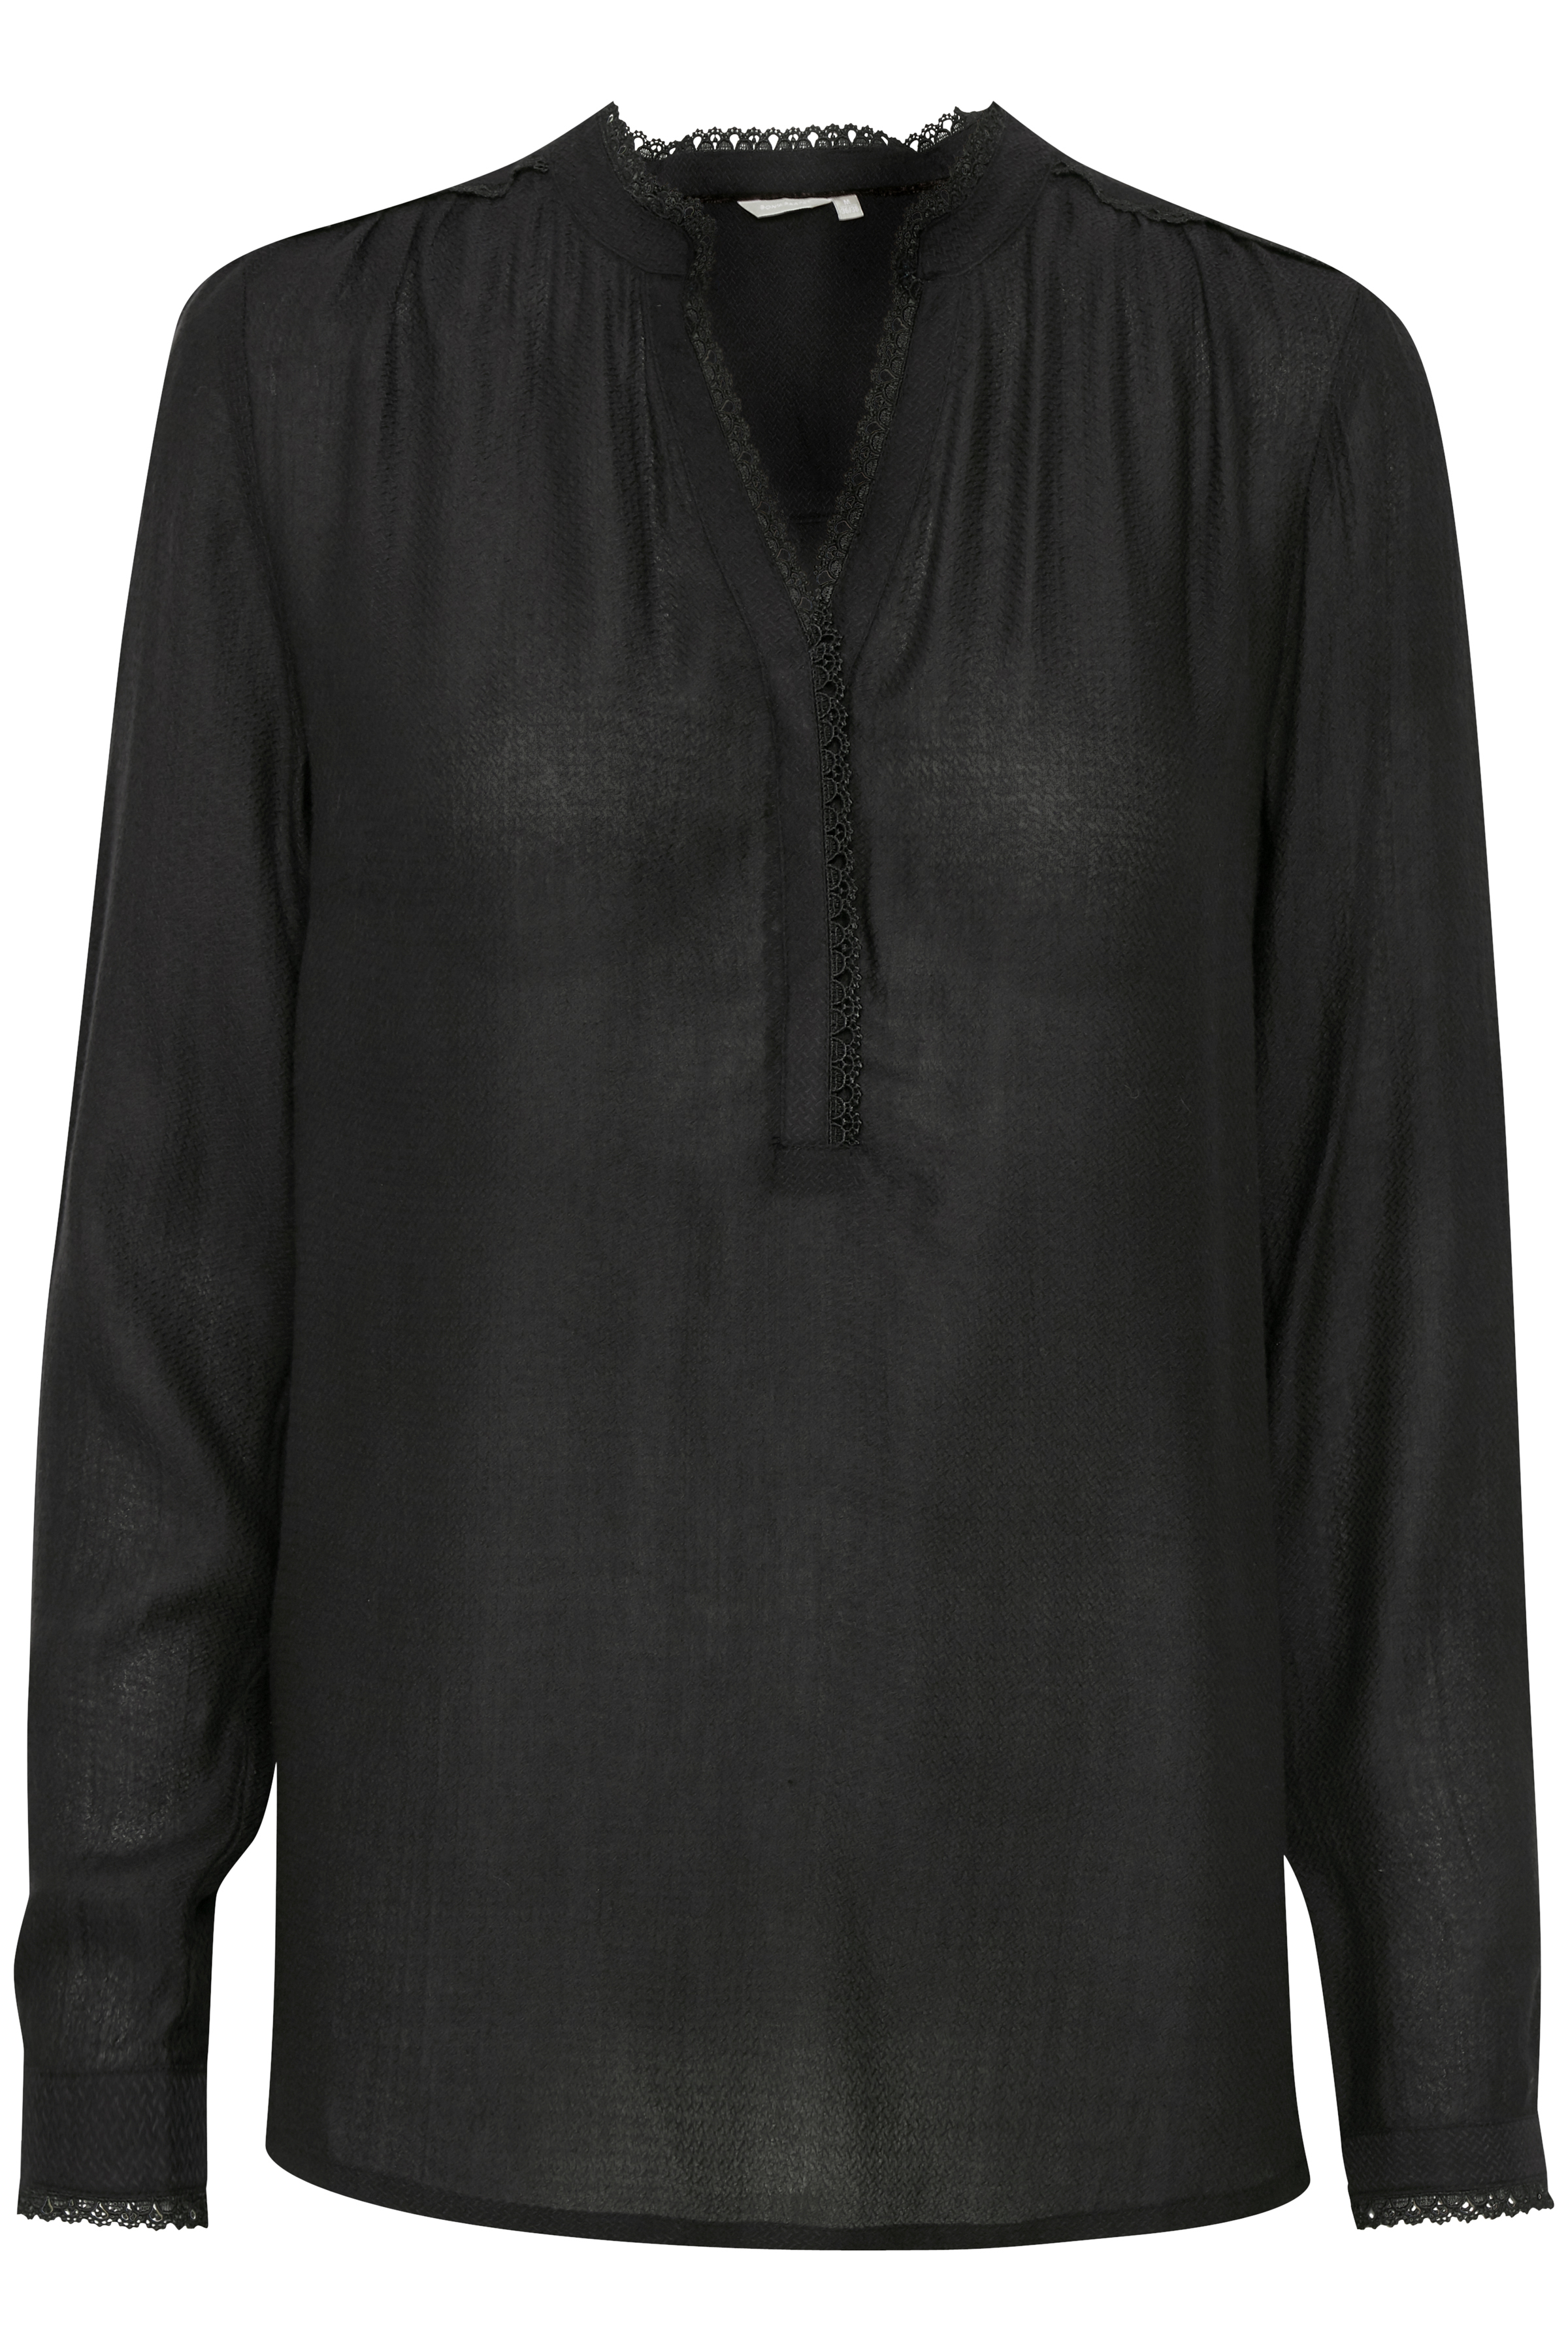 Sort Langærmet bluse fra Bon'A Parte – Køb Sort Langærmet bluse fra str. S-2XL her